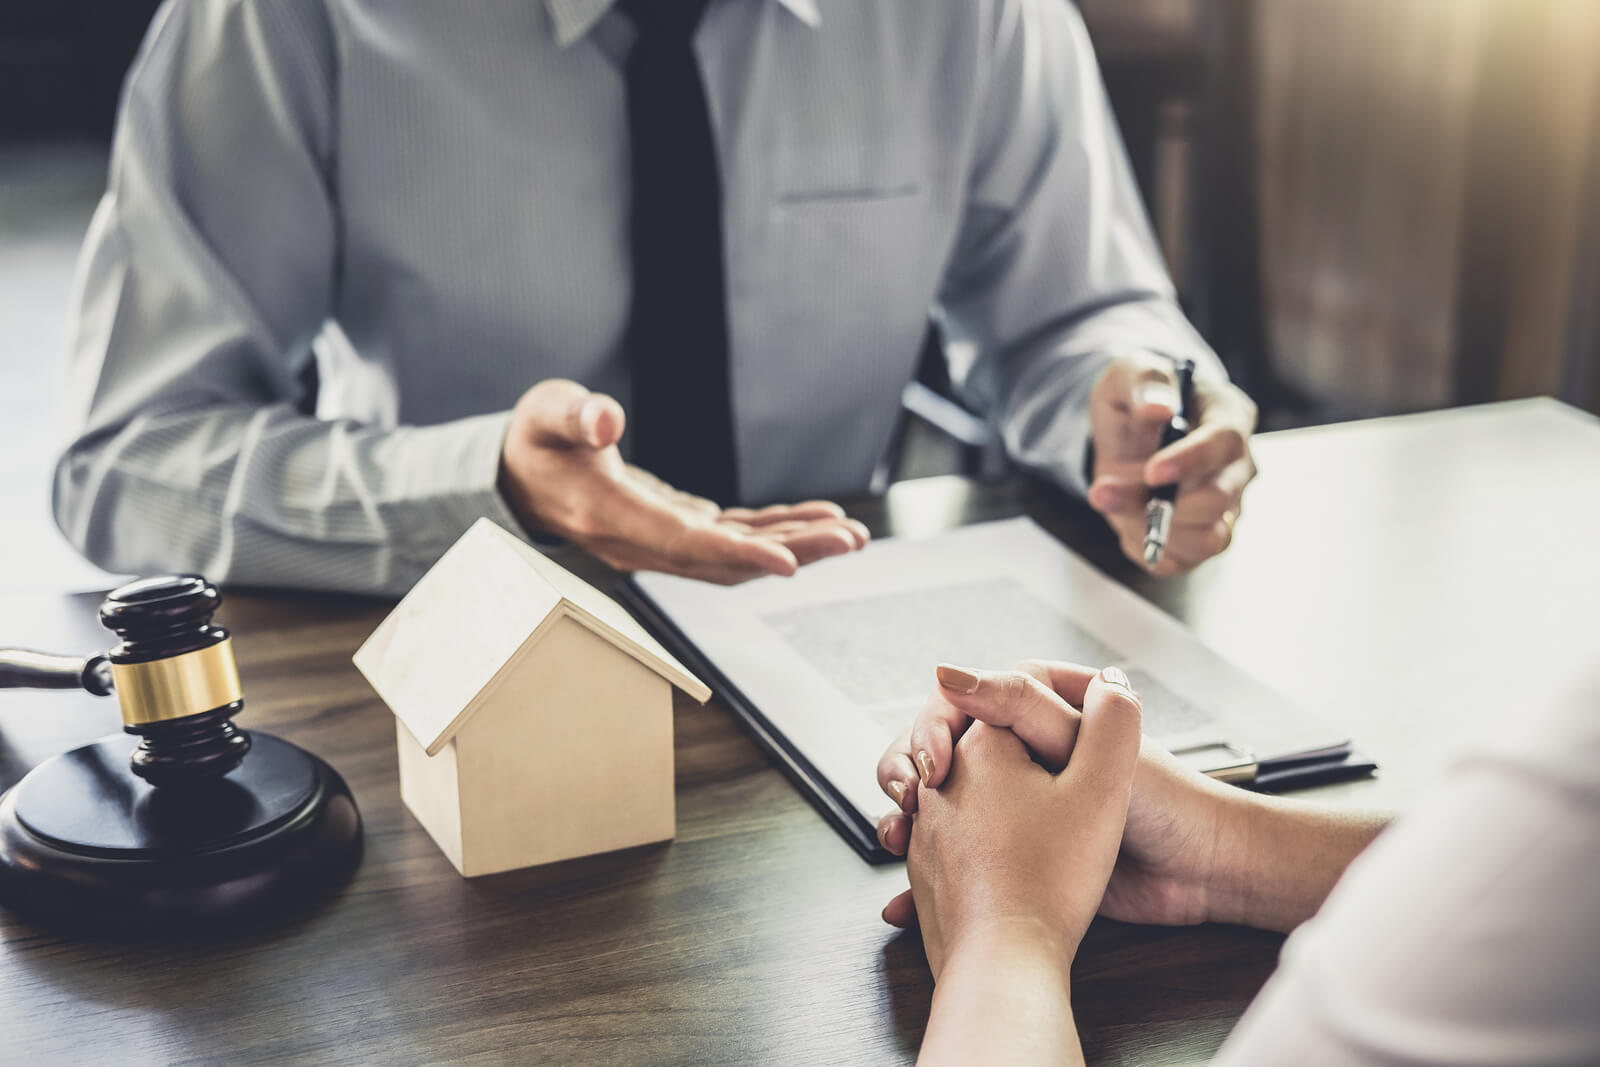 越南買房該注意哪些事?越南房地產法規看這裡!